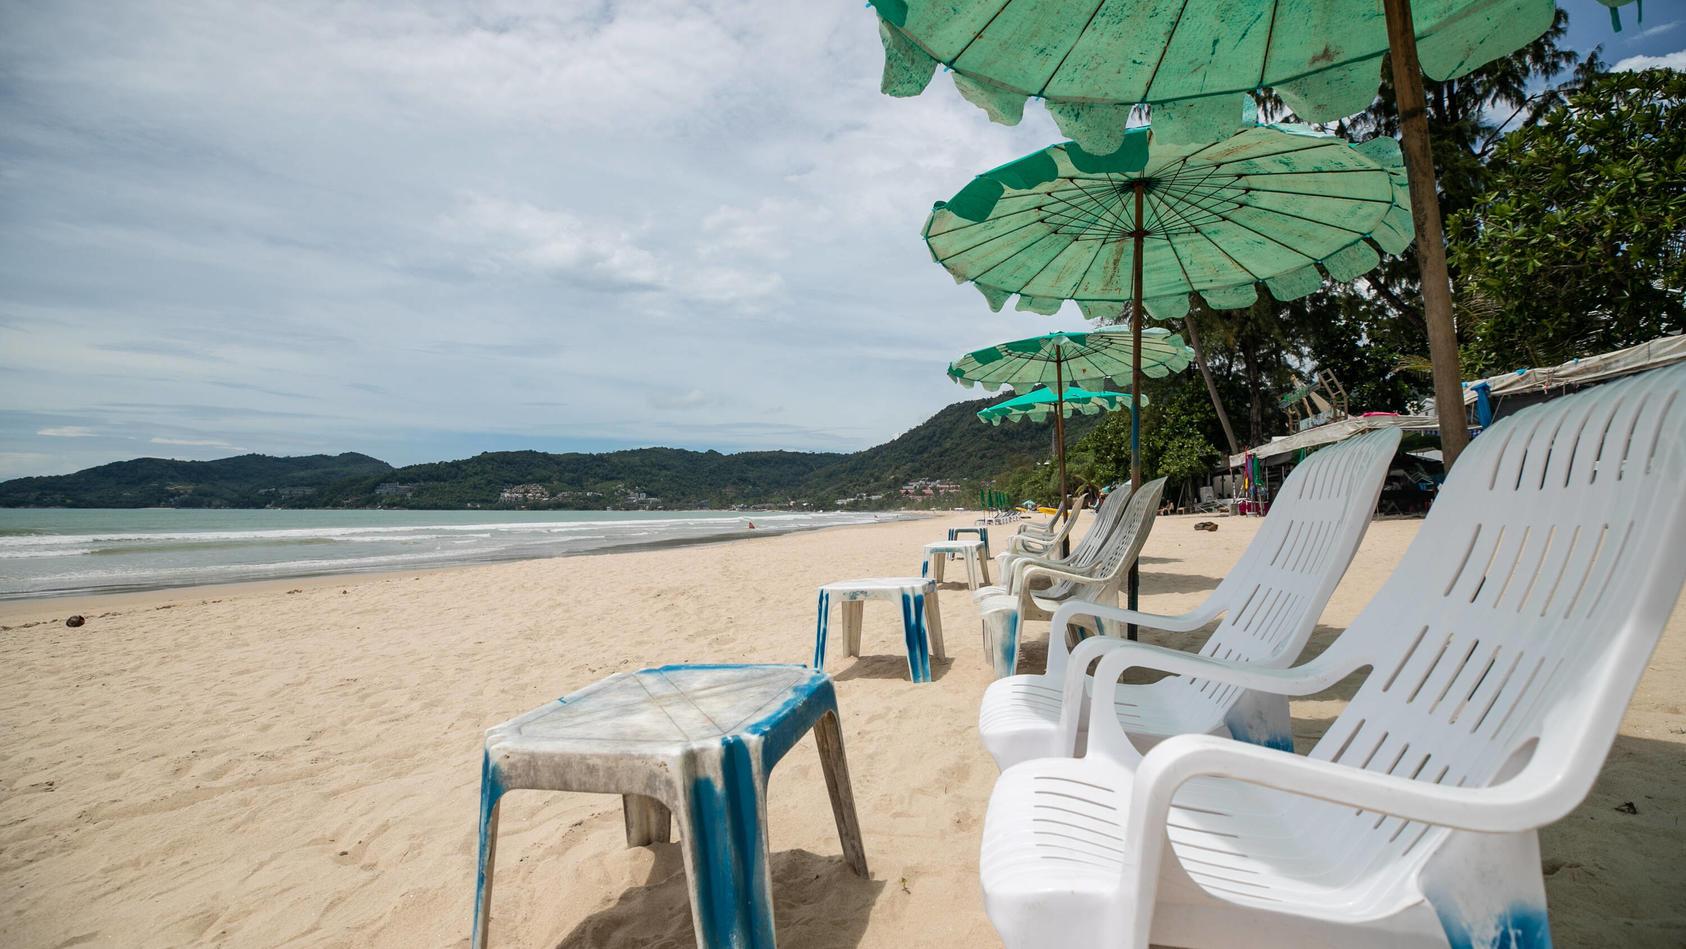 Geimpfte könnten in ein paar Monaten schon in den Genuss einer Reise nach Phuket kommen.